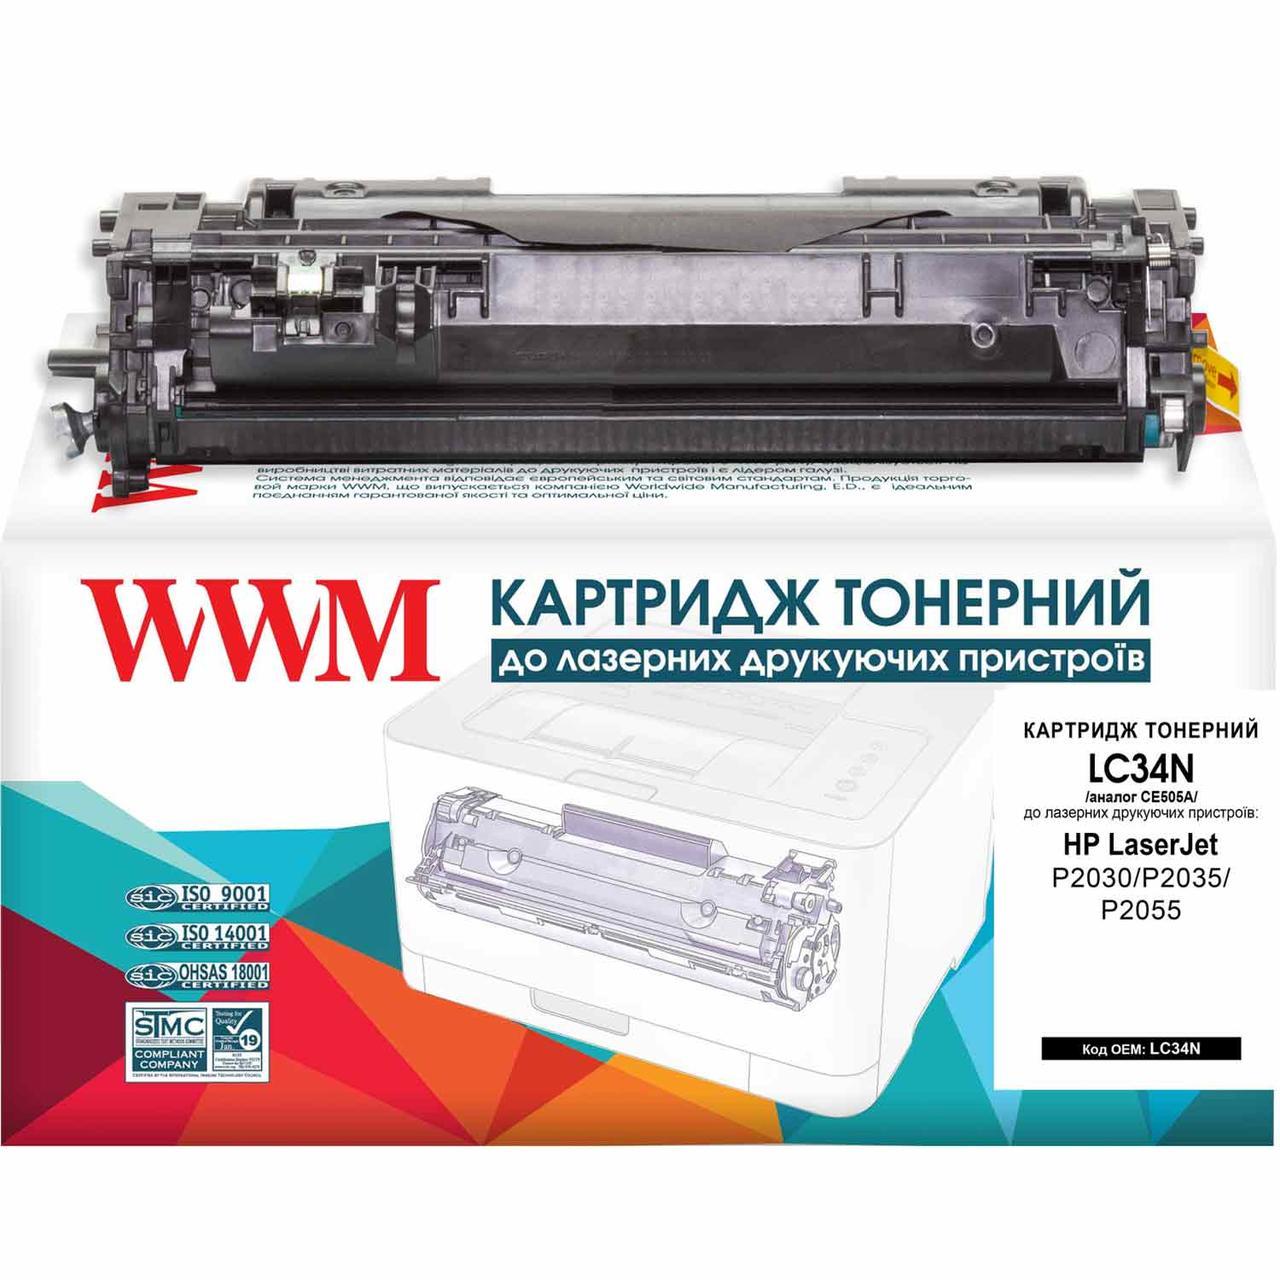 Картридж тонерный WWM для HP LJ P2035/2055 аналог CE505A (LC34N)